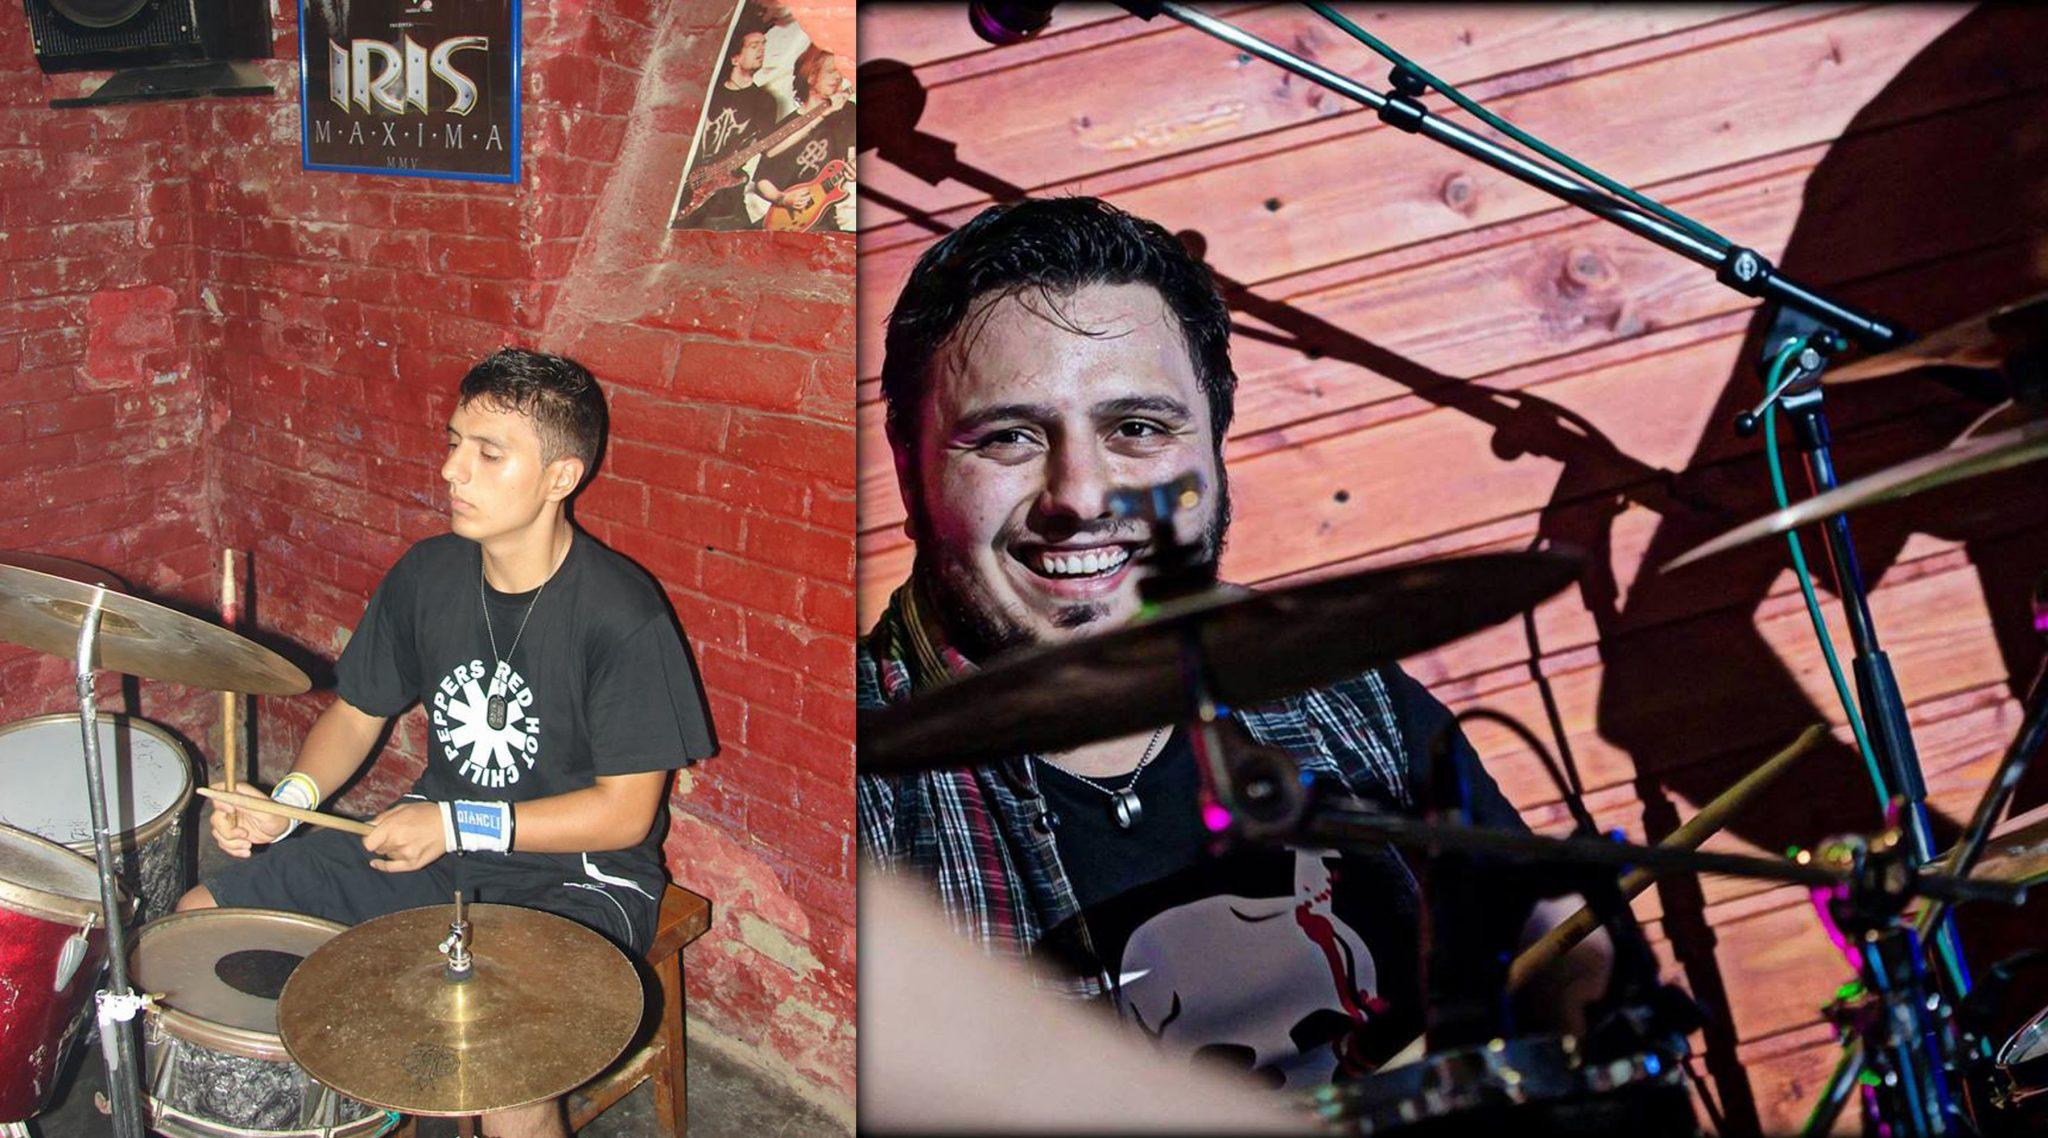 Bogdan, în urmă cu zece ani, la primul său concert cu trupa, și Bogdan, în urmă cu câteva luni, la un concert cu aceeași trupă.